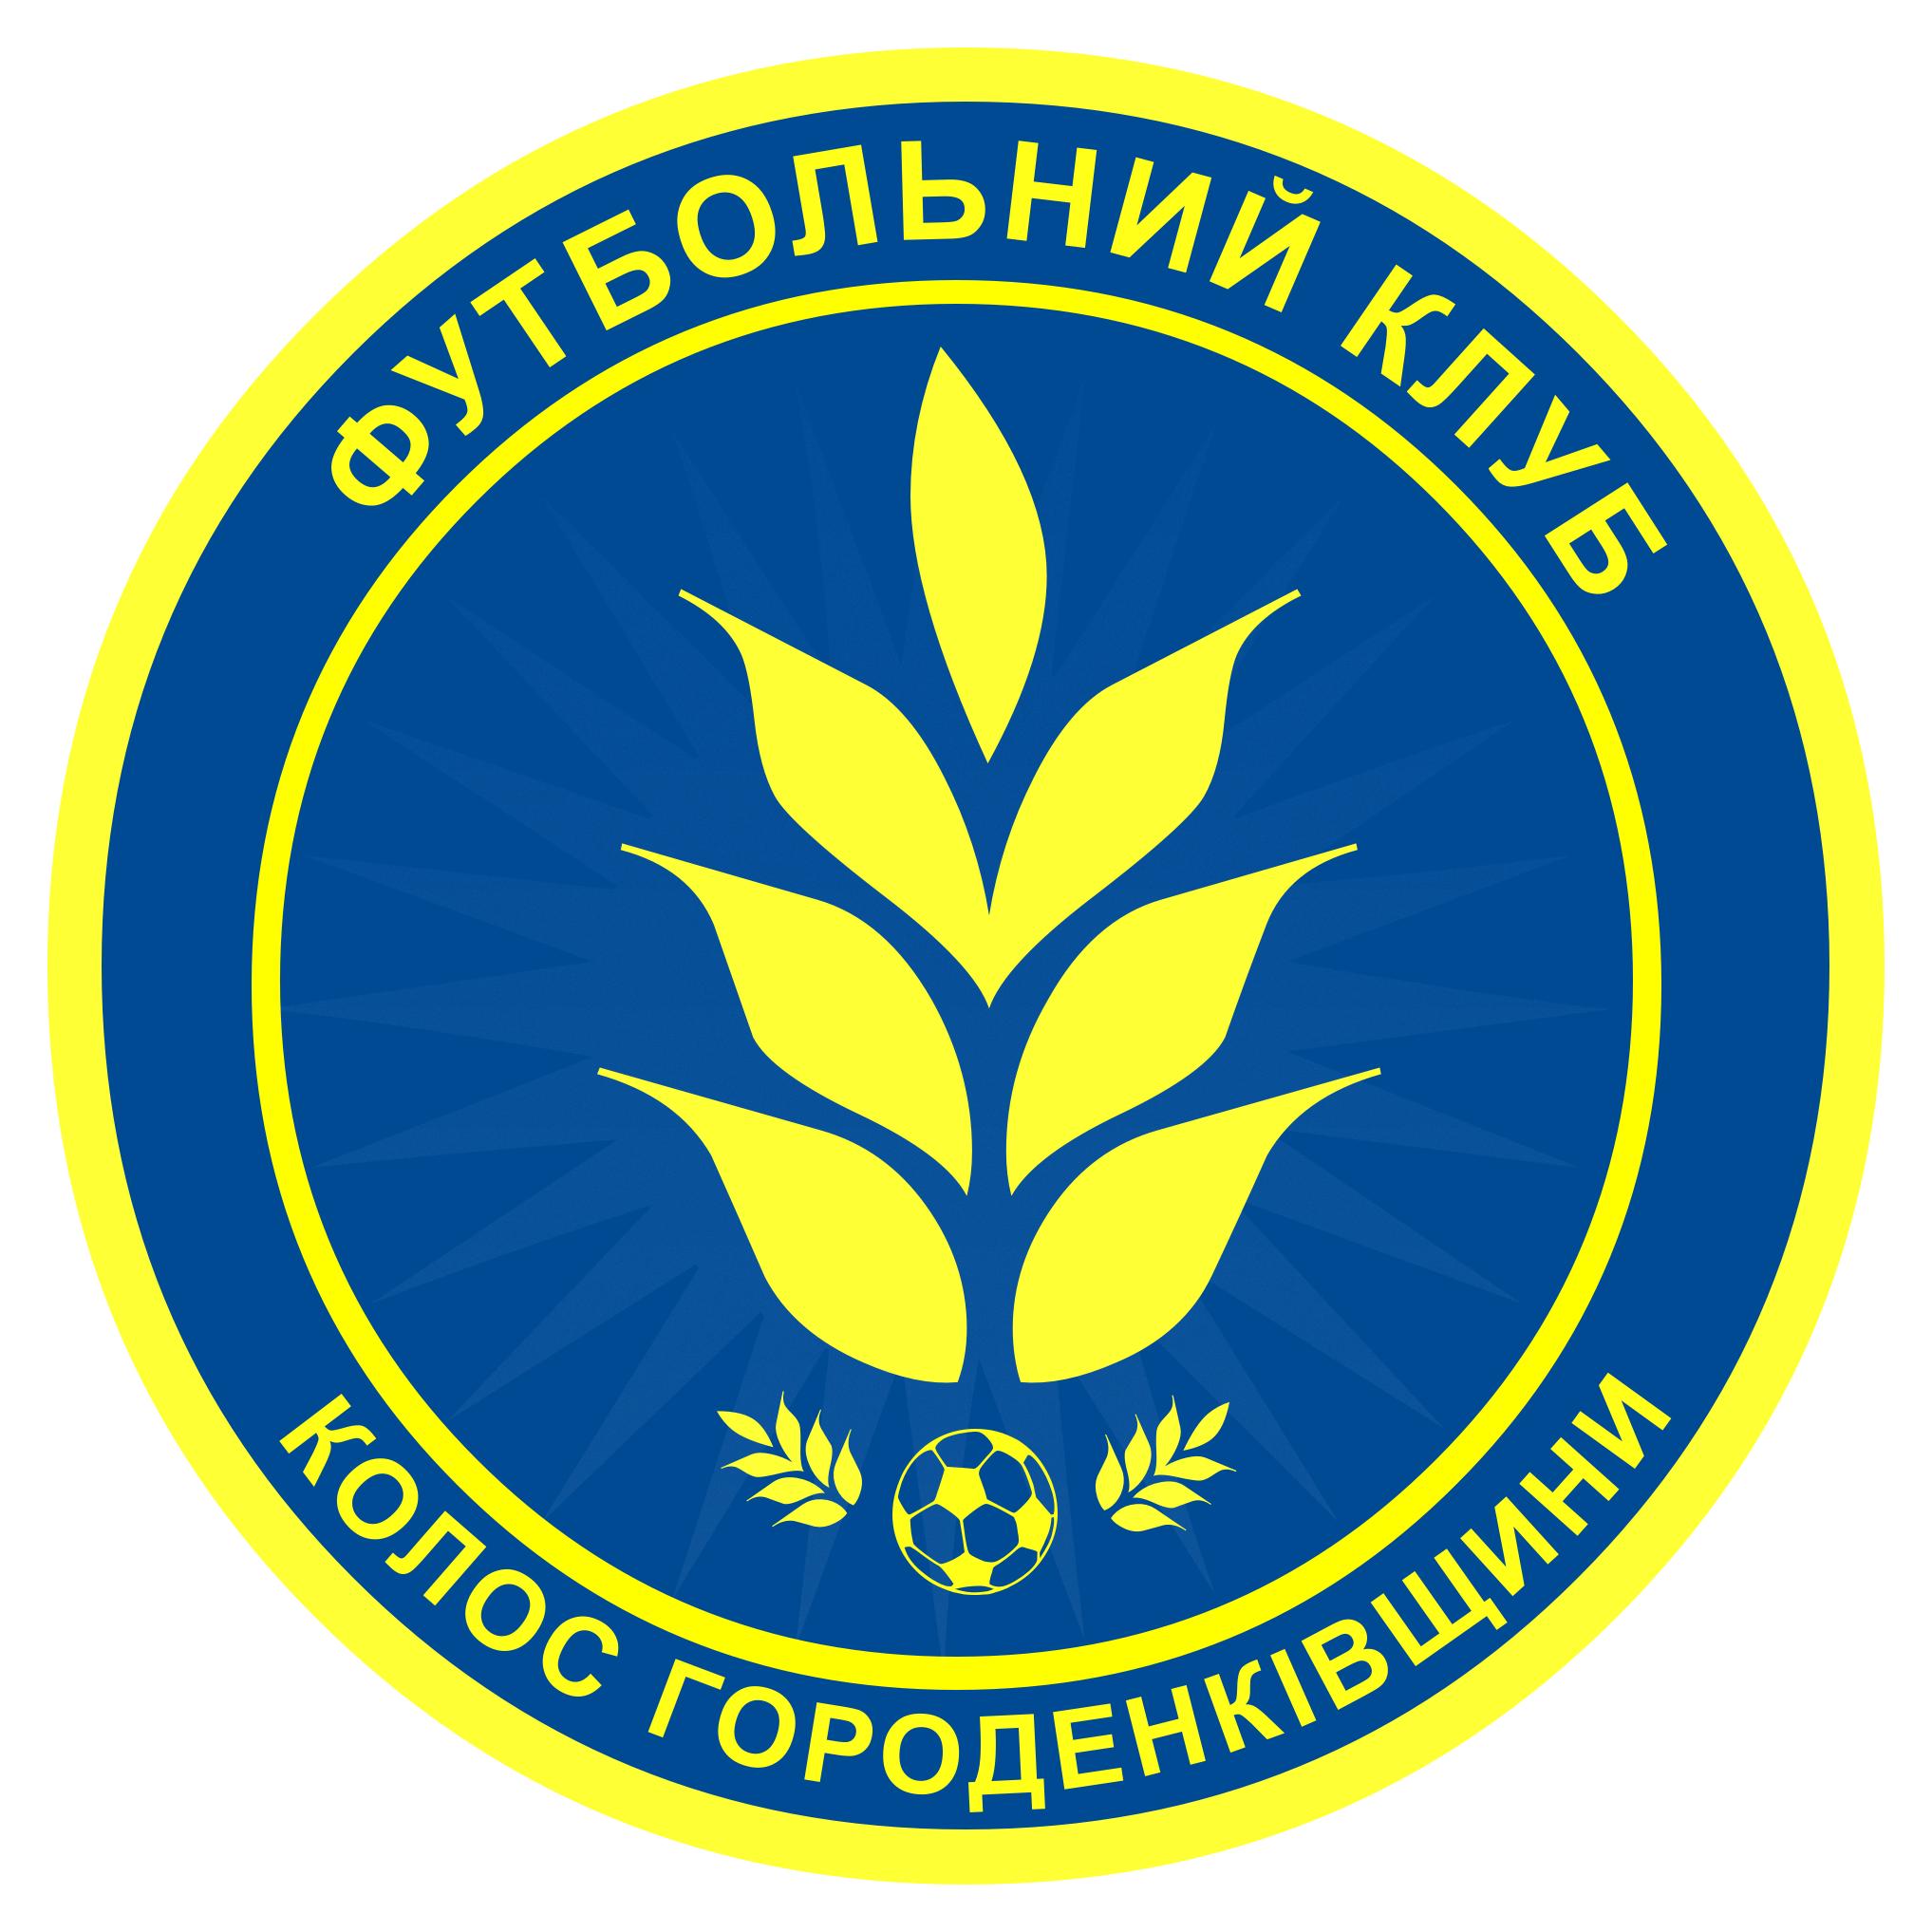 логотип ФК Колос как пример разработки спортивного логотипа